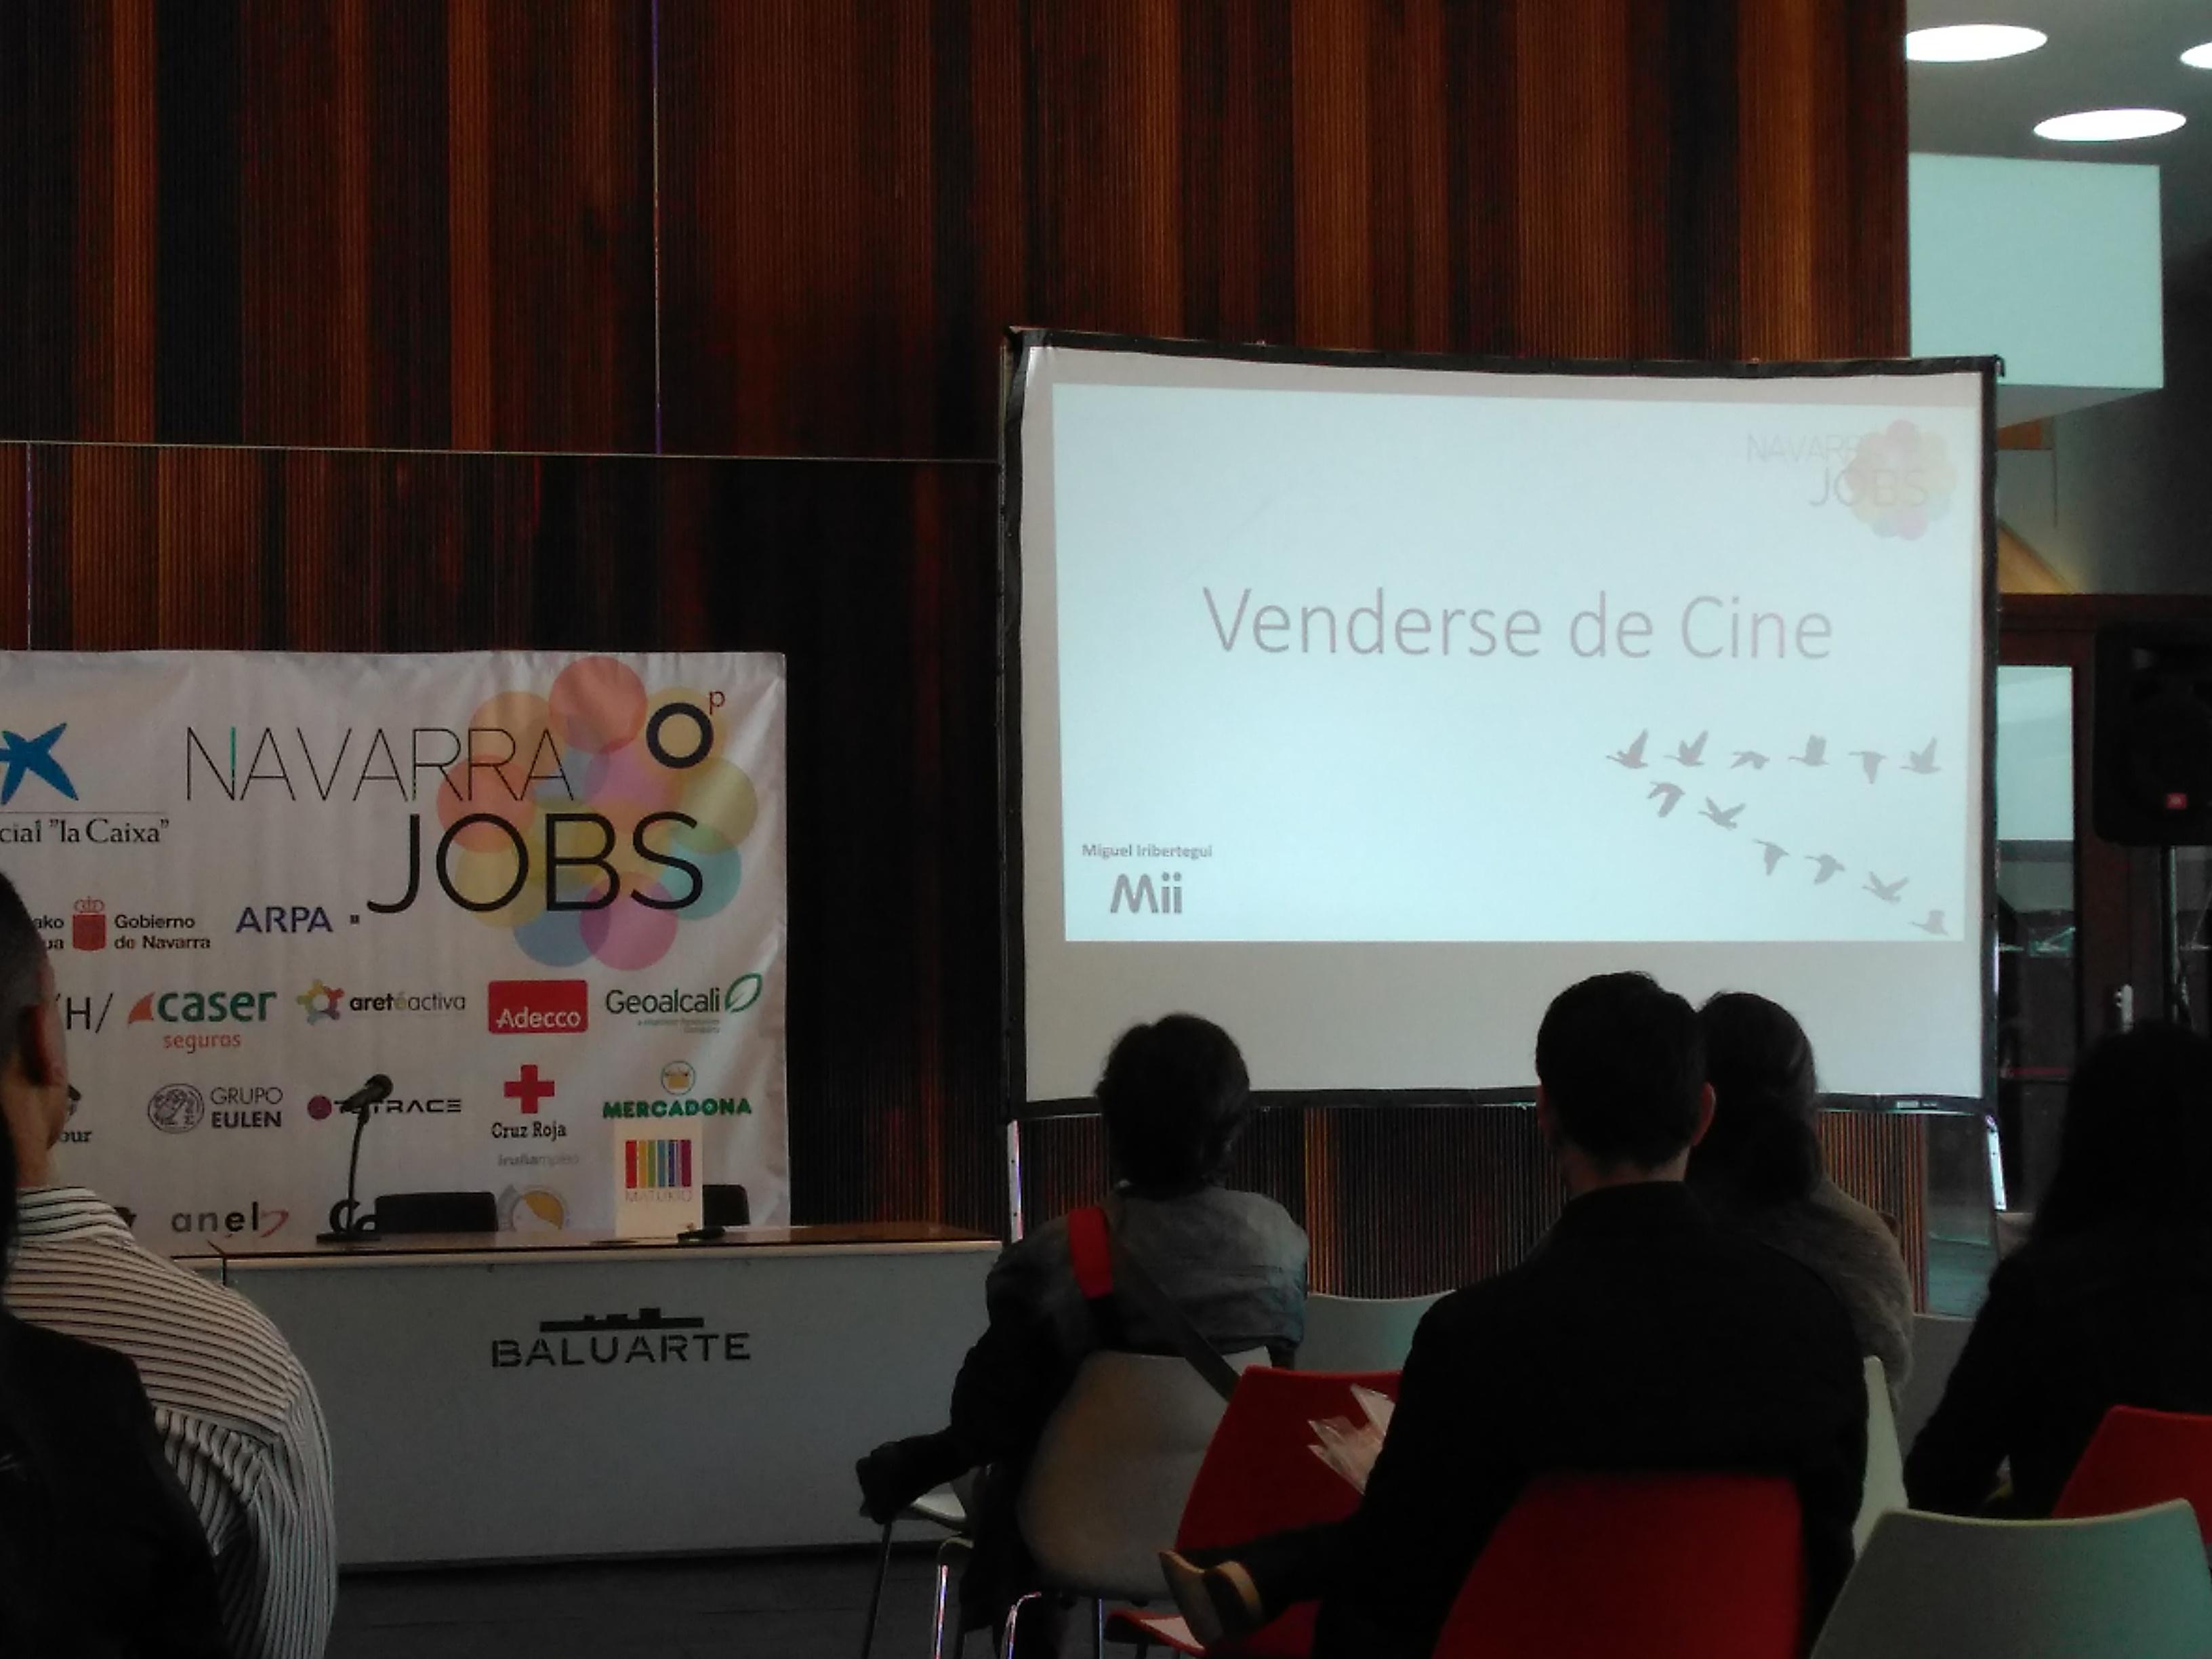 Taller 'Vender de cine' en Navarra Jobs.